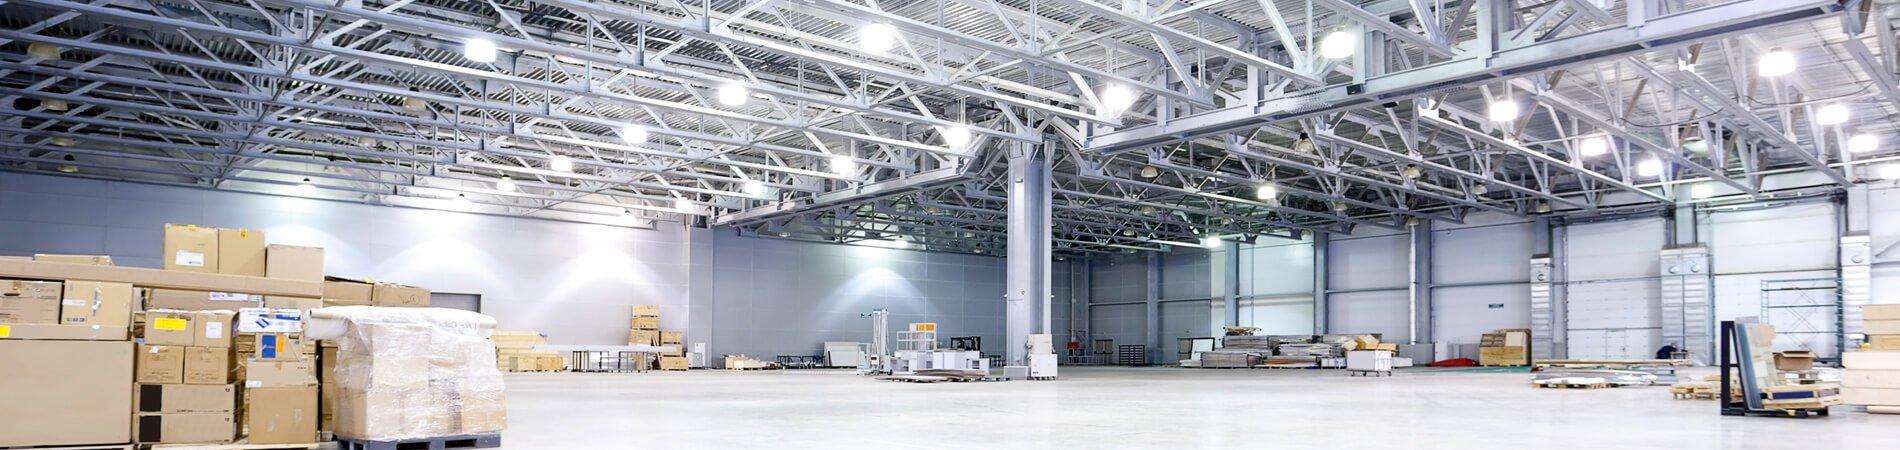 LJS-Slider-warehouse1